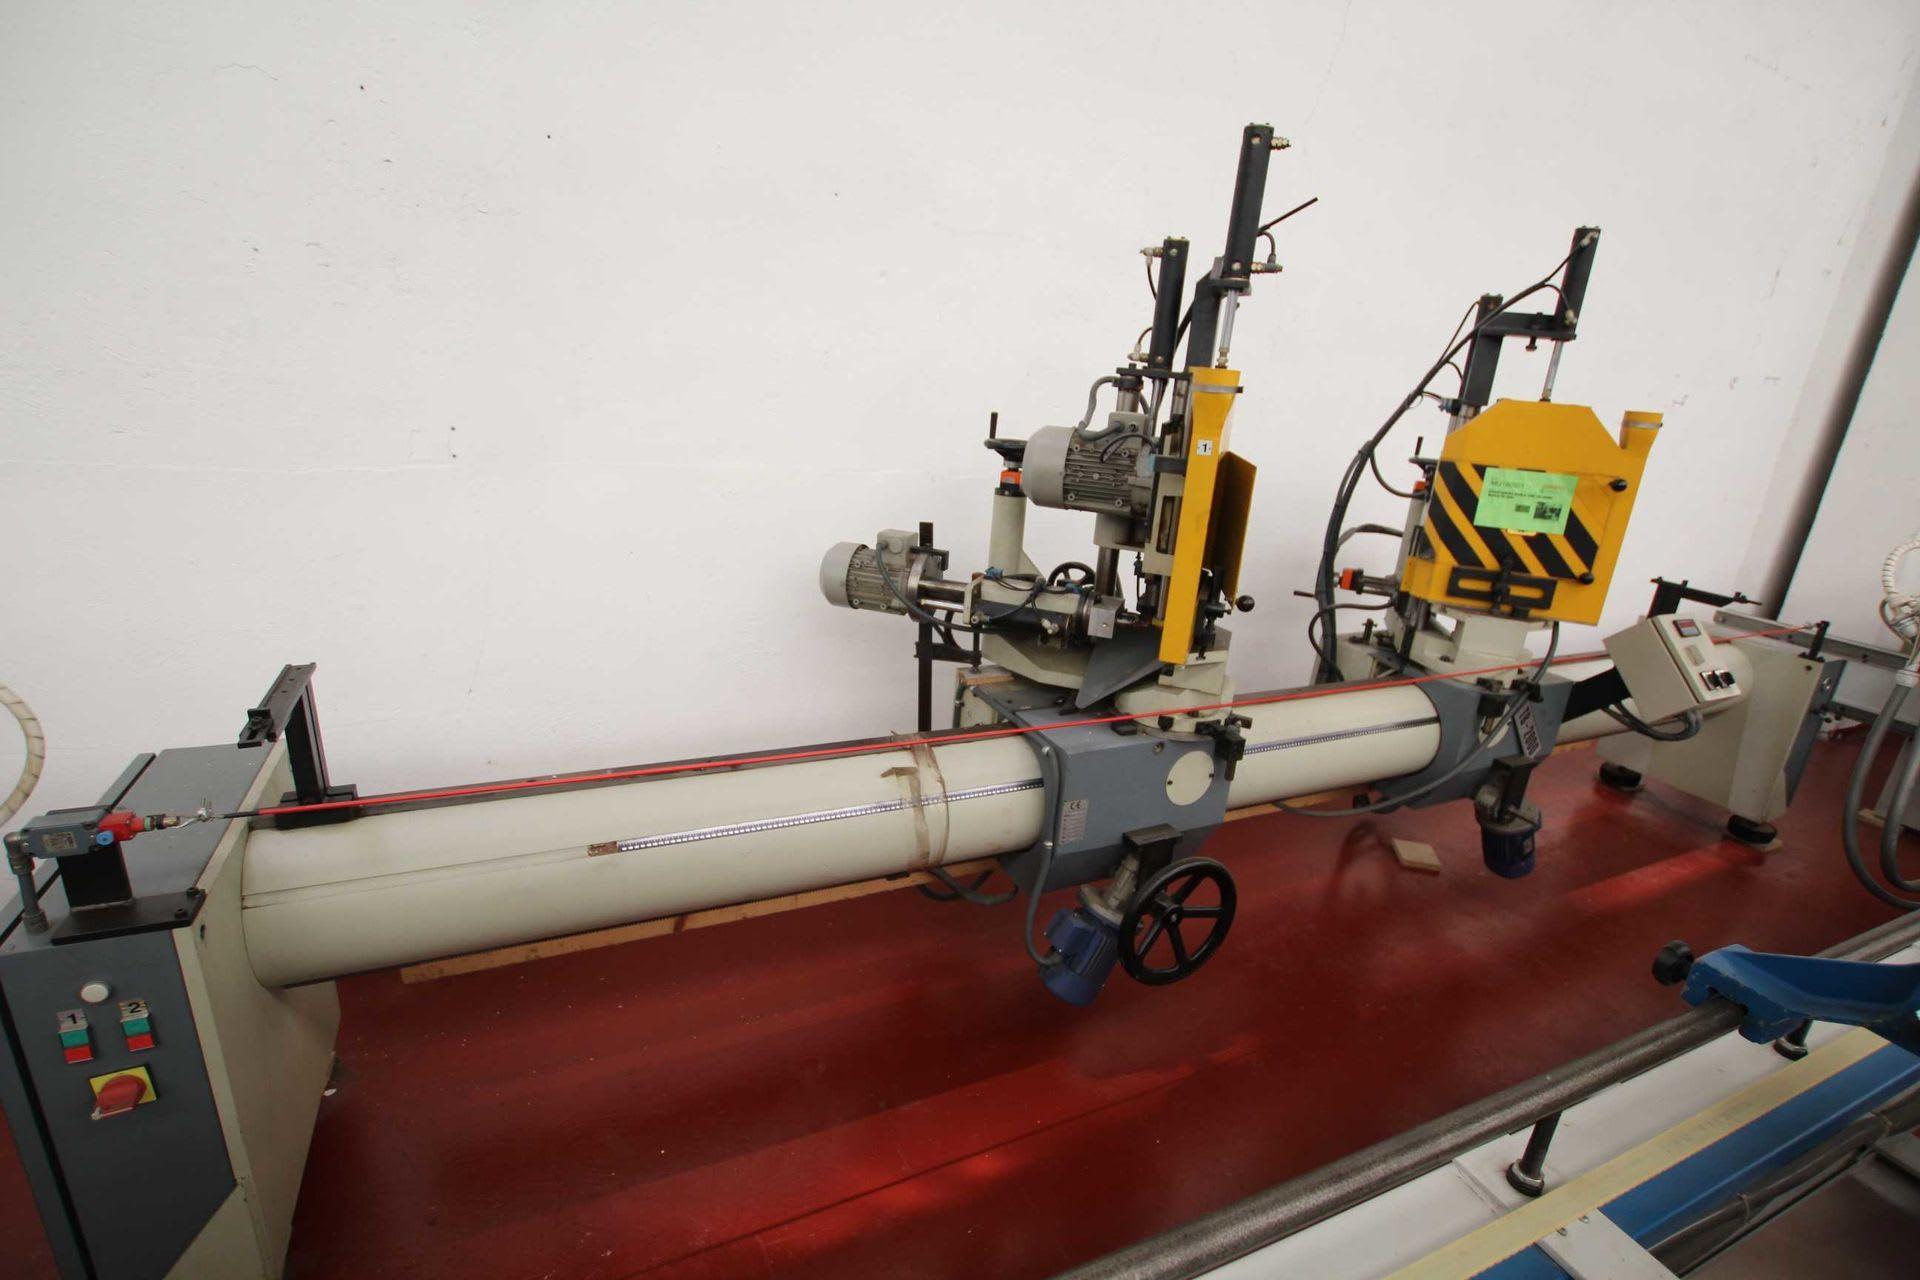 BERLE TB 2000 Doppelkopf-Gehrungssäge mit Bohraggregate